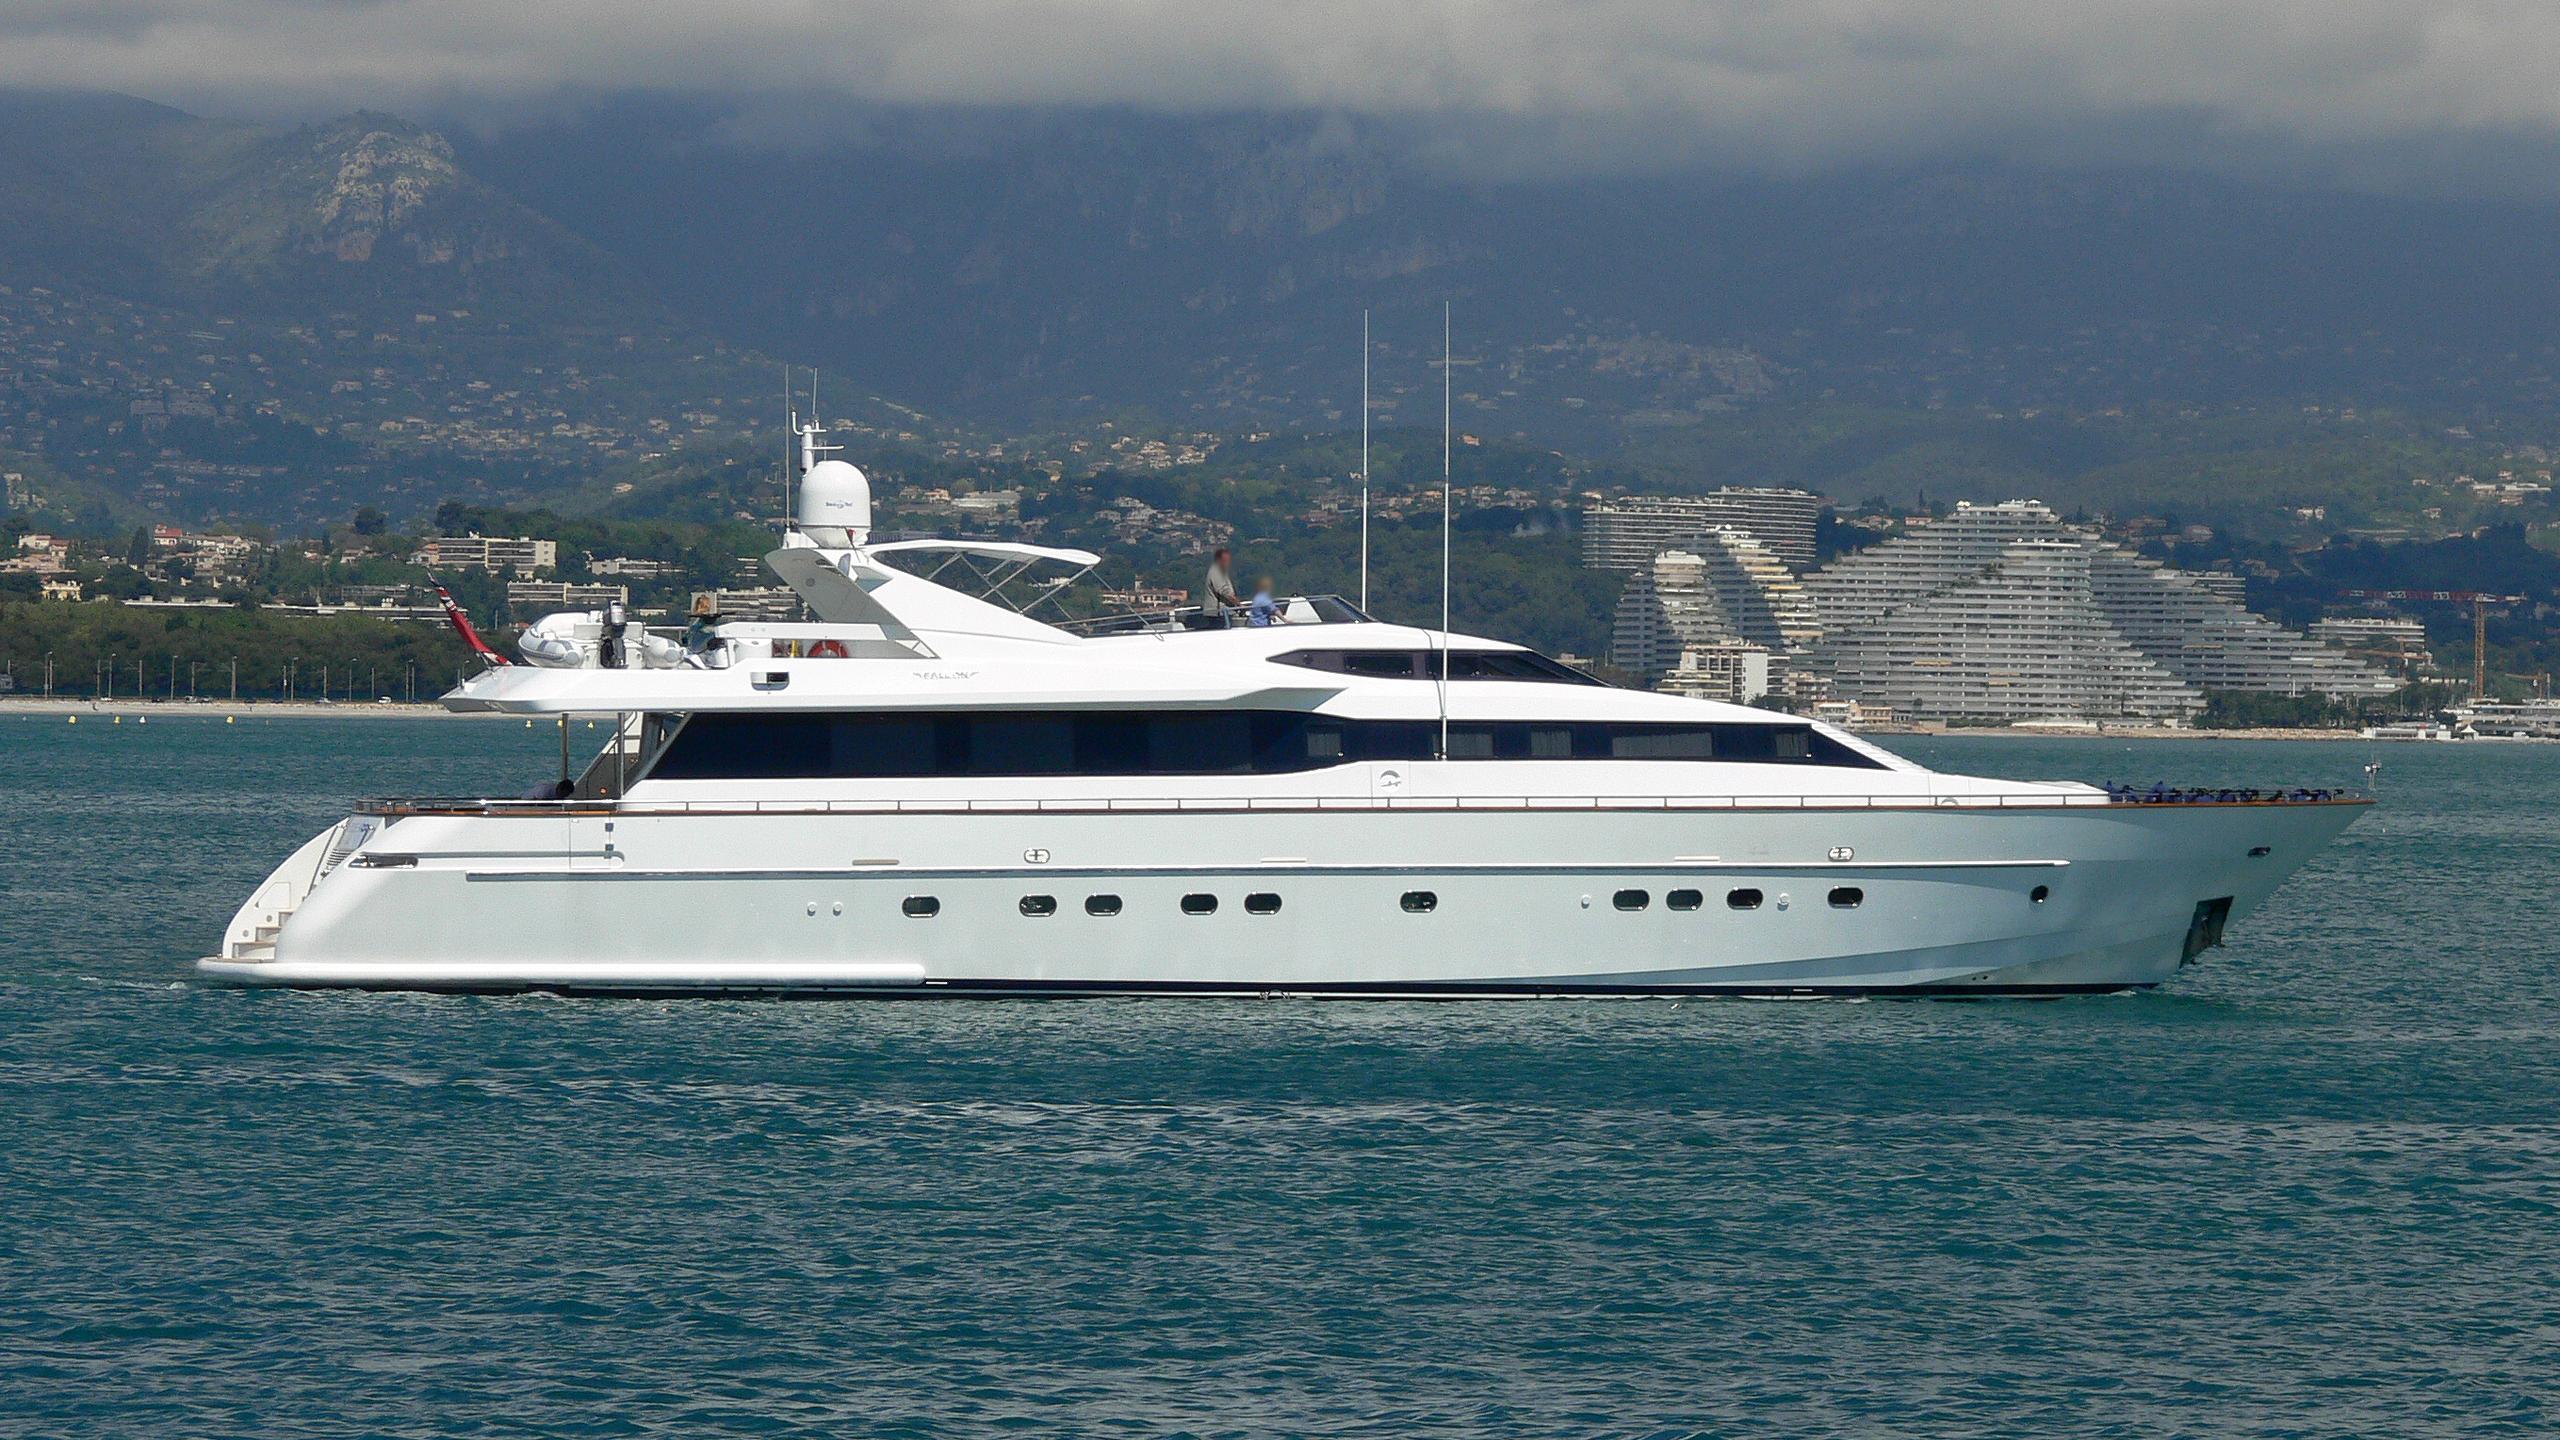 aquarius-s-yacht-exterior